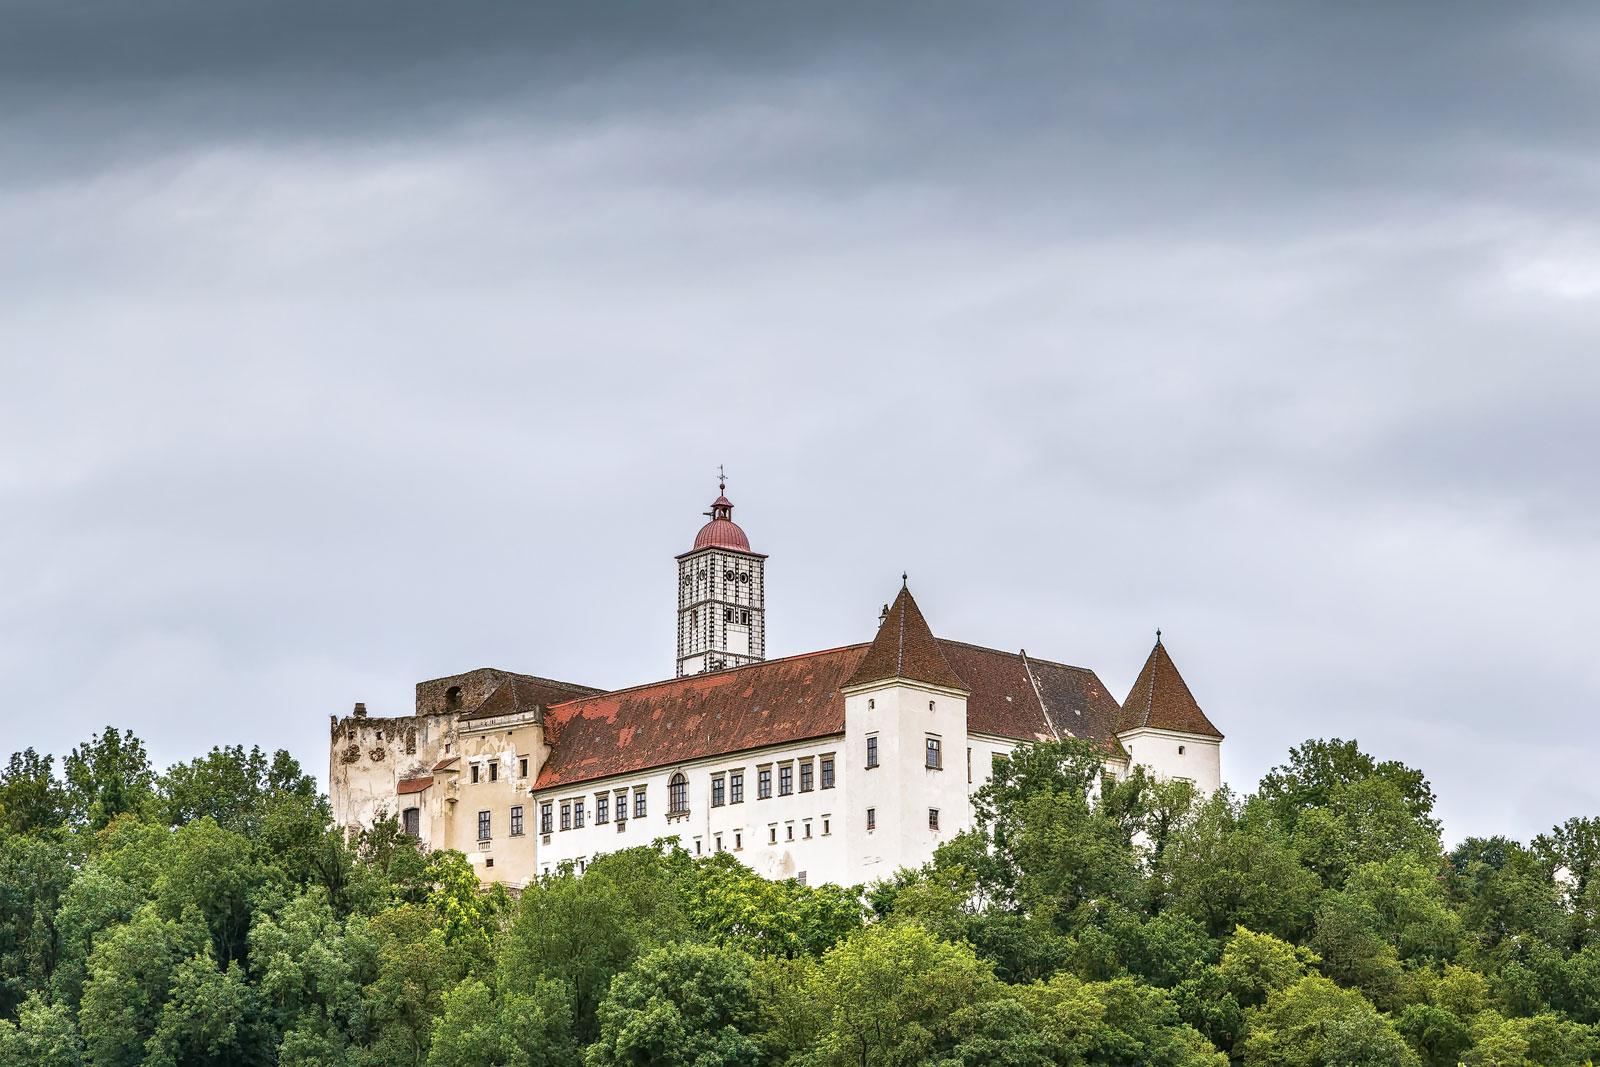 Die Schallaburg ist nicht nur architektonisch eine Reise wert. In dem Renaissance-Schloss befindet sich ein internationales Ausstellungszentrum.